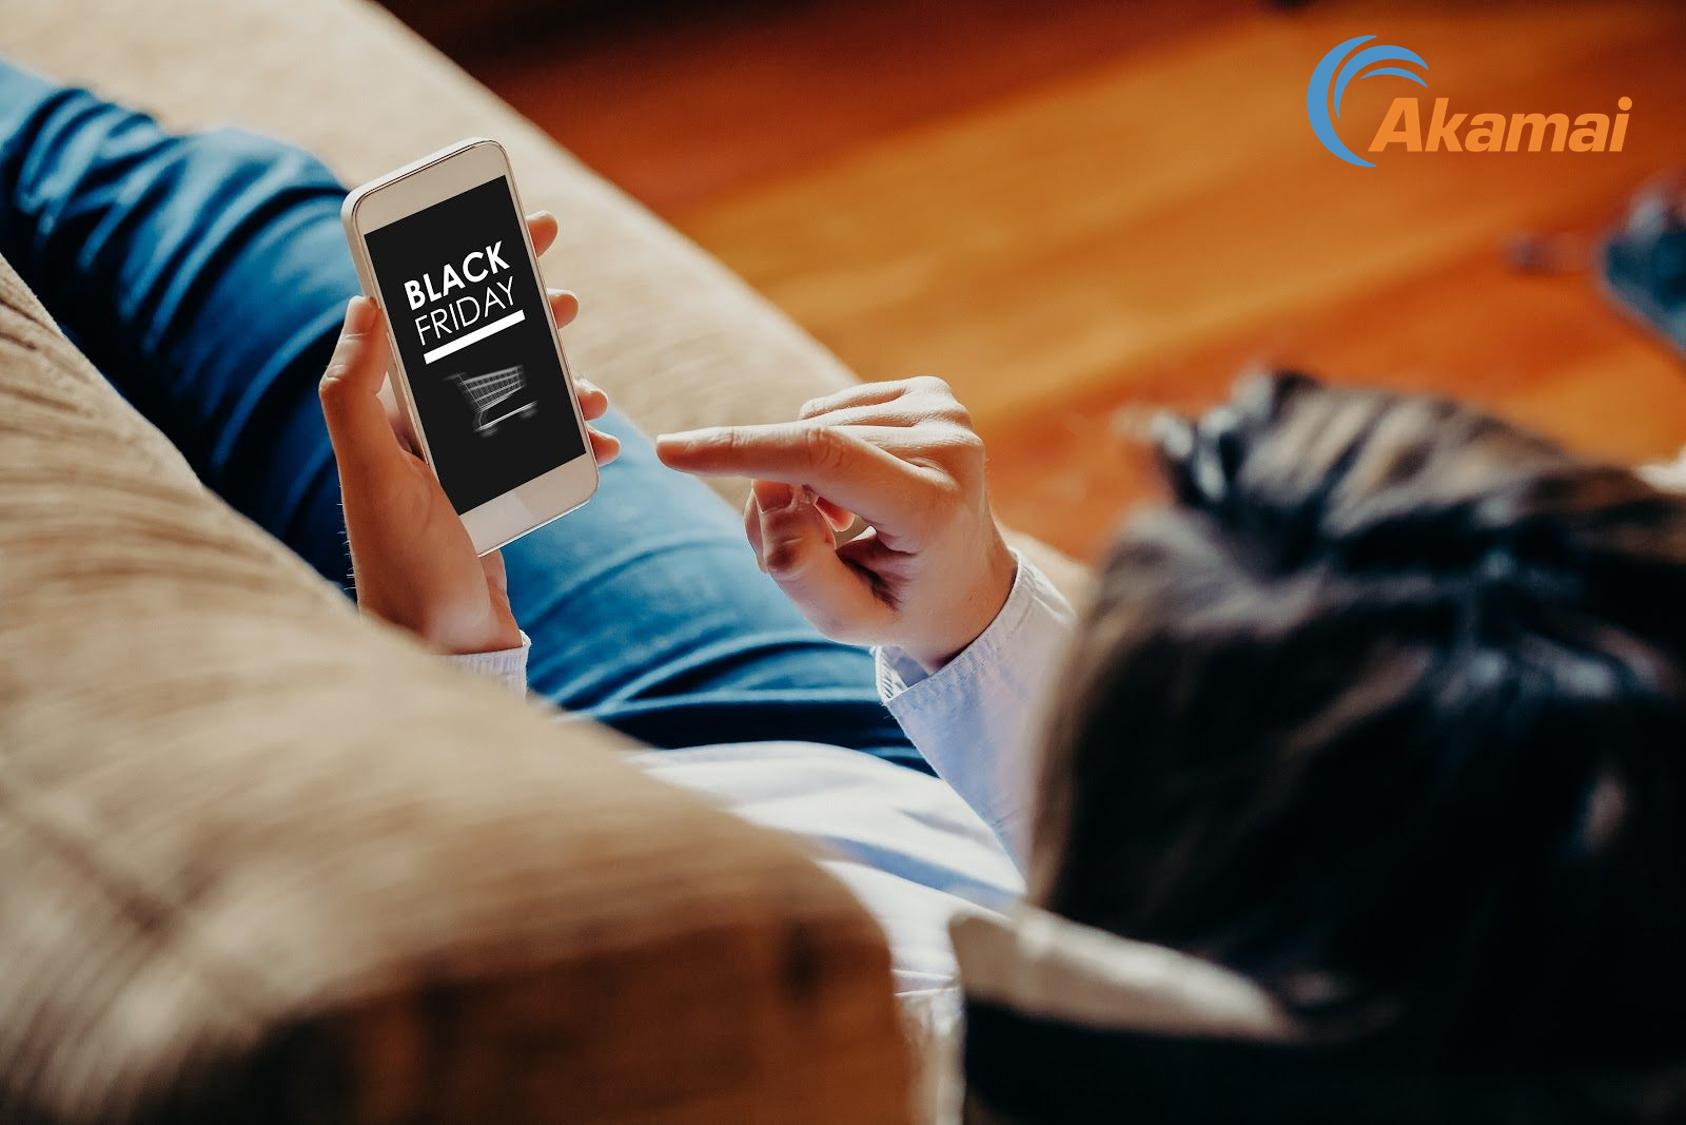 Black Friday: gli acquisti da mobile superano quelli da desktop